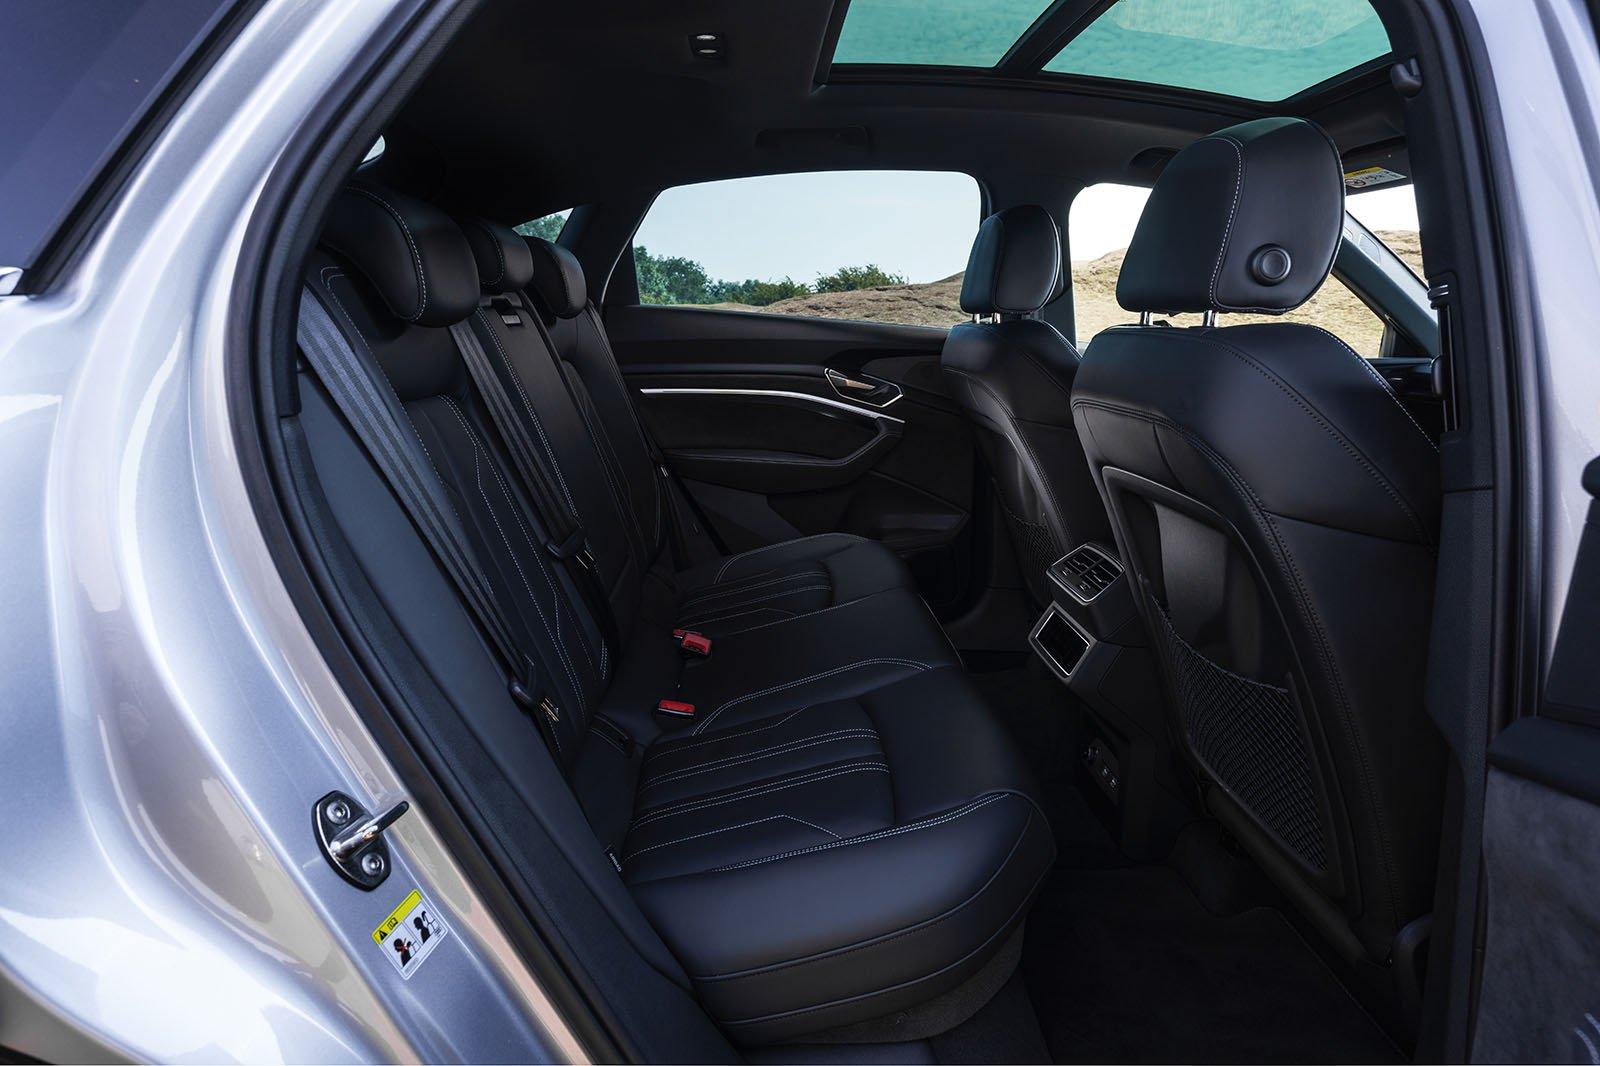 Audi E-tron Sportback 2020 rear seats